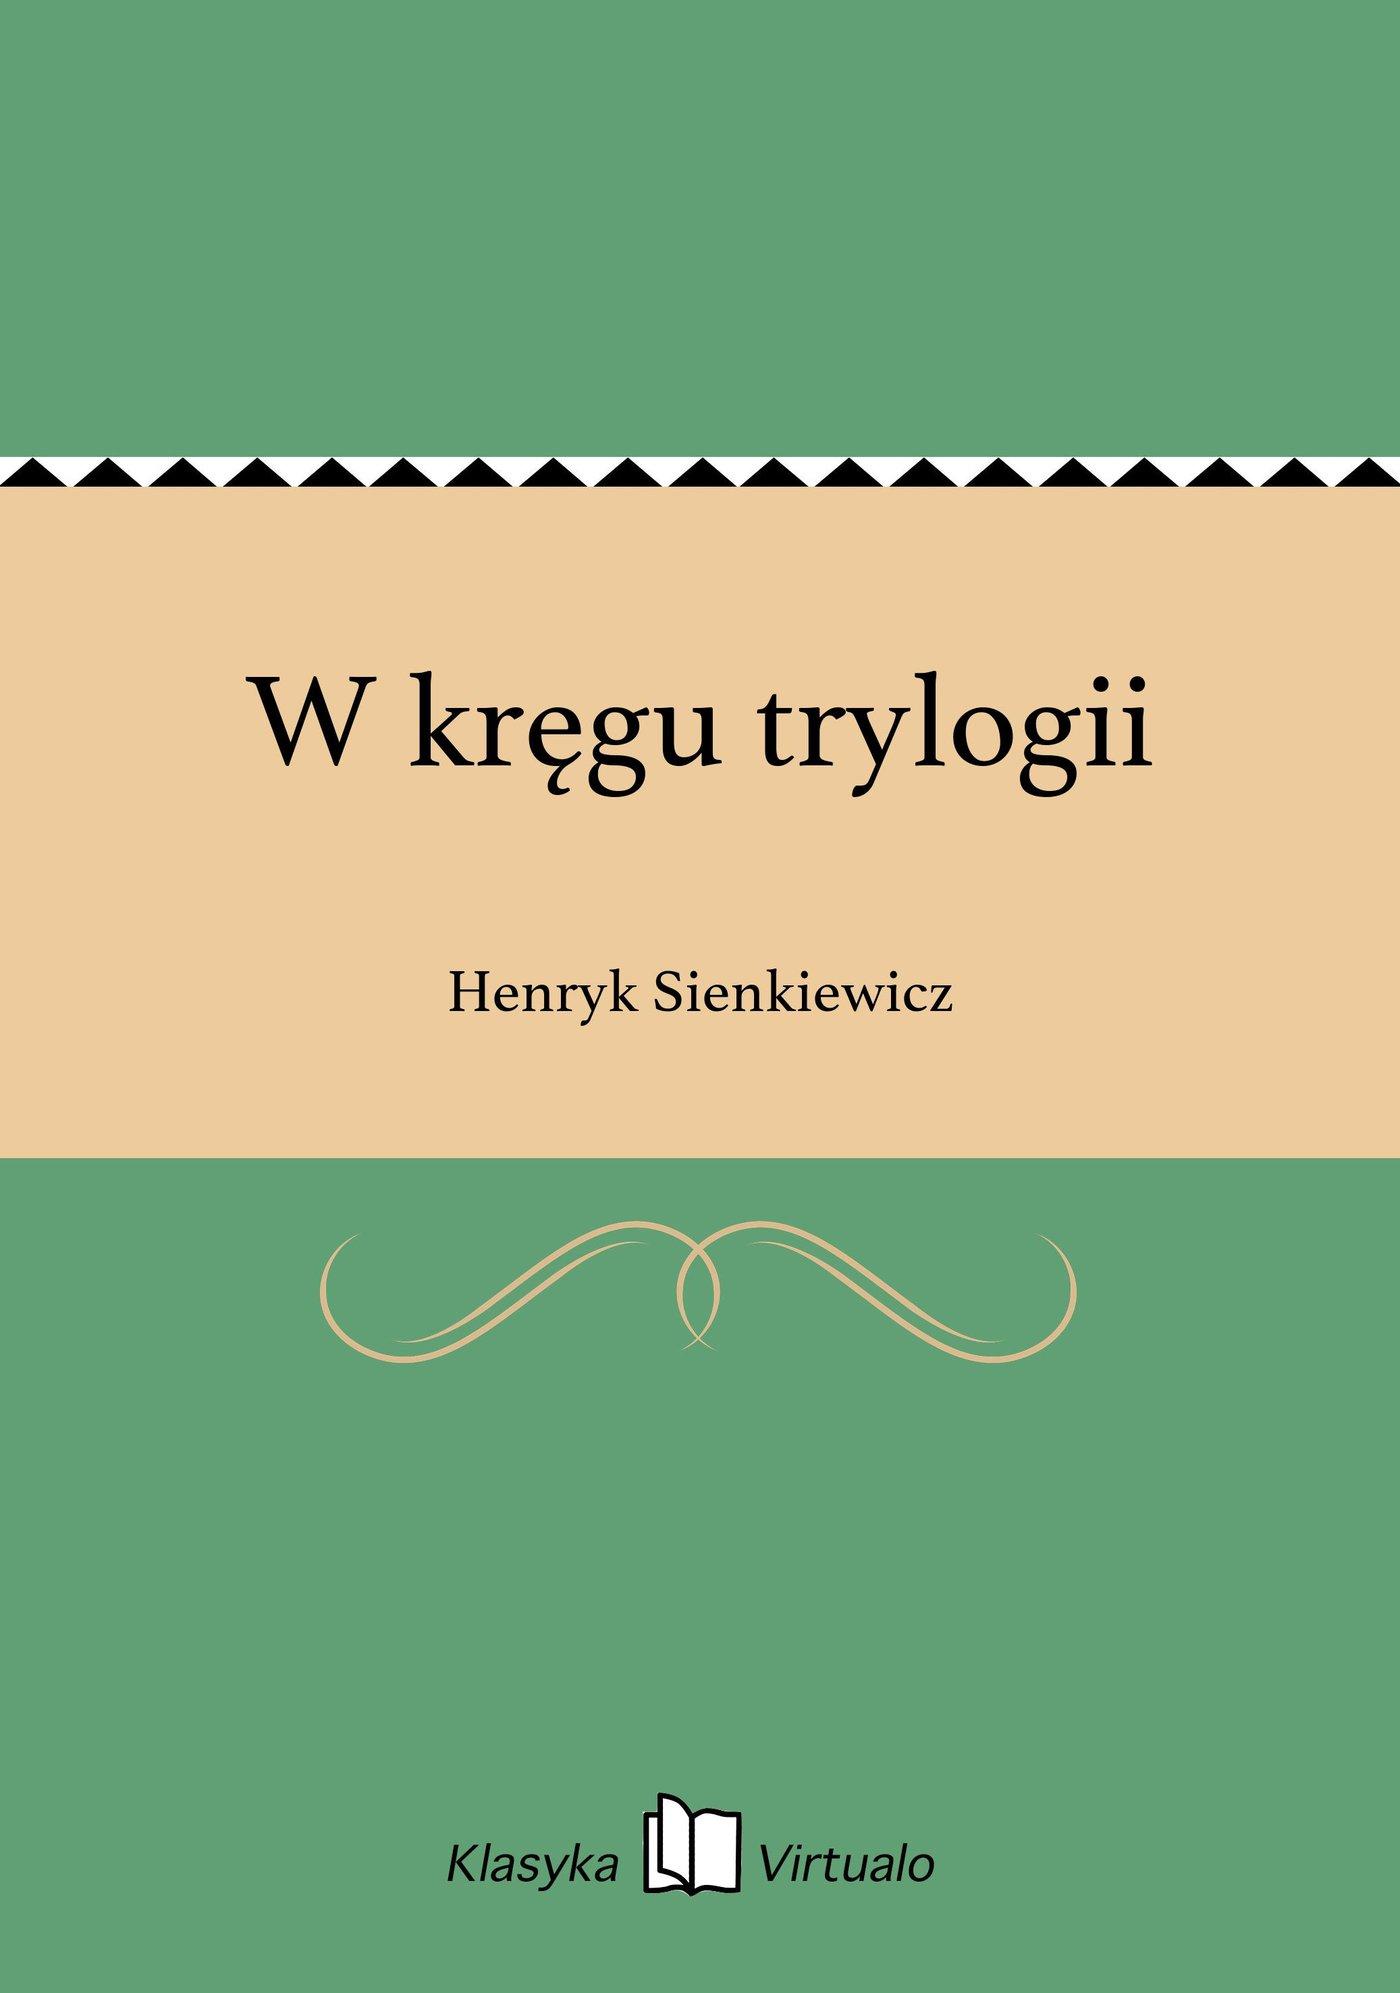 W kręgu trylogii - Ebook (Książka EPUB) do pobrania w formacie EPUB